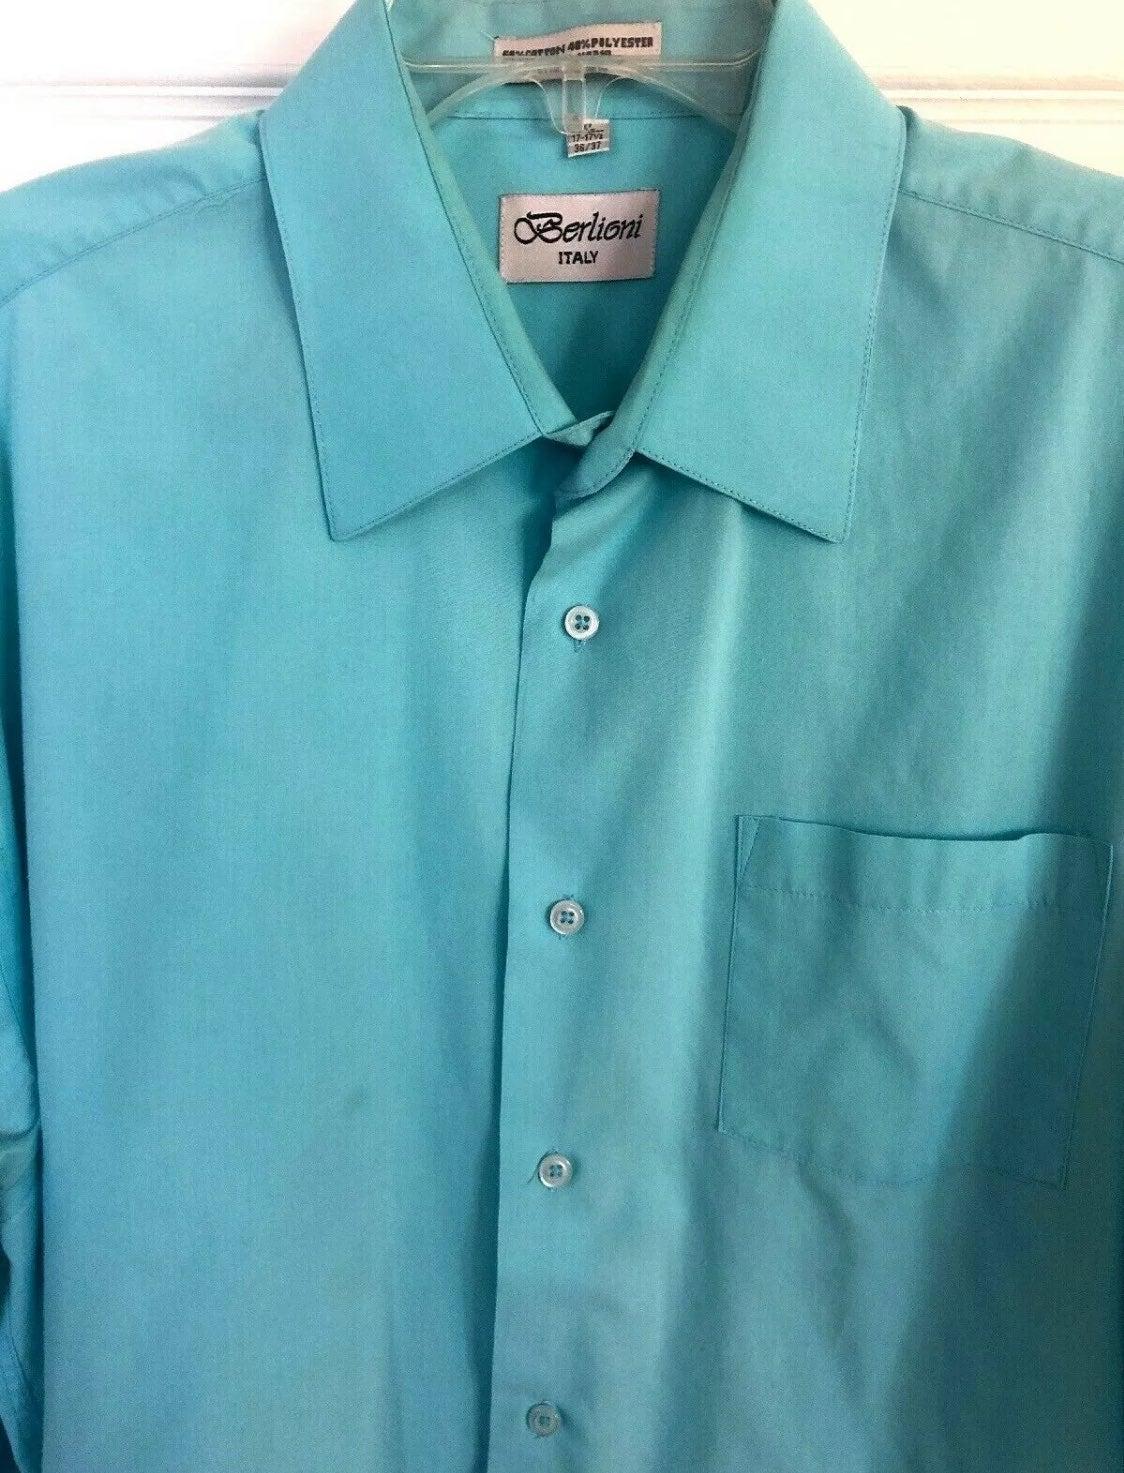 Berlioni Convertible Cuff Dress Shirt